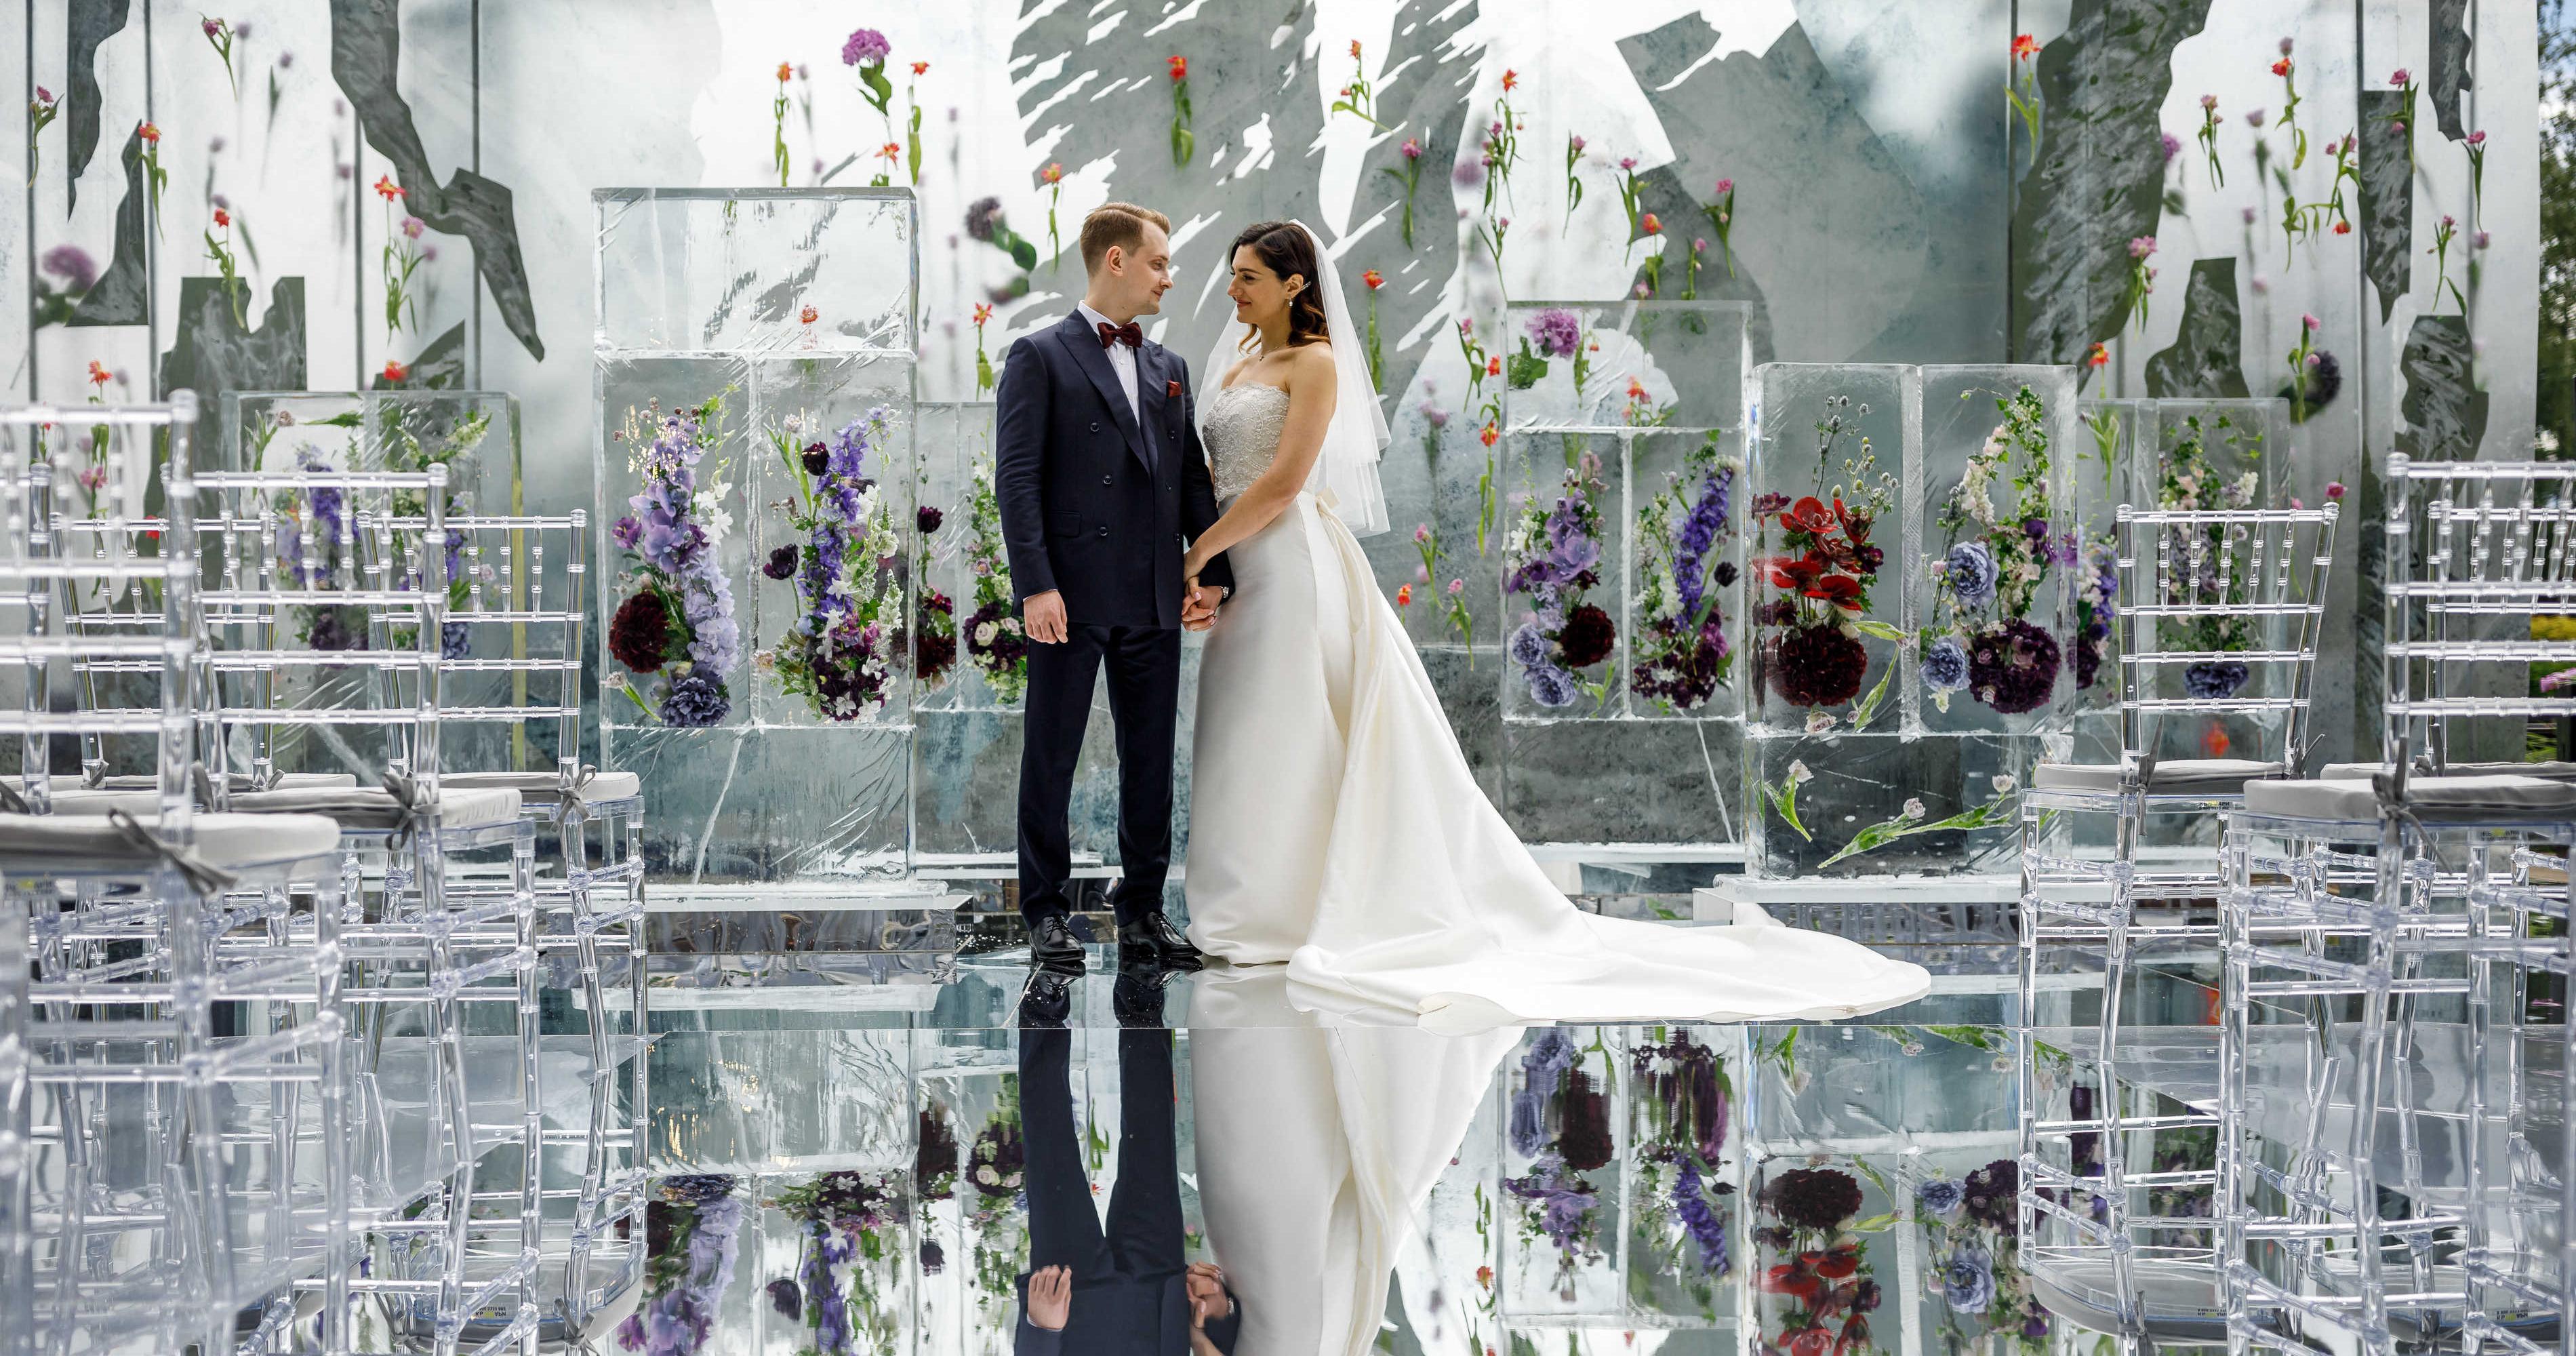 Летняя свадьба в окружении льда